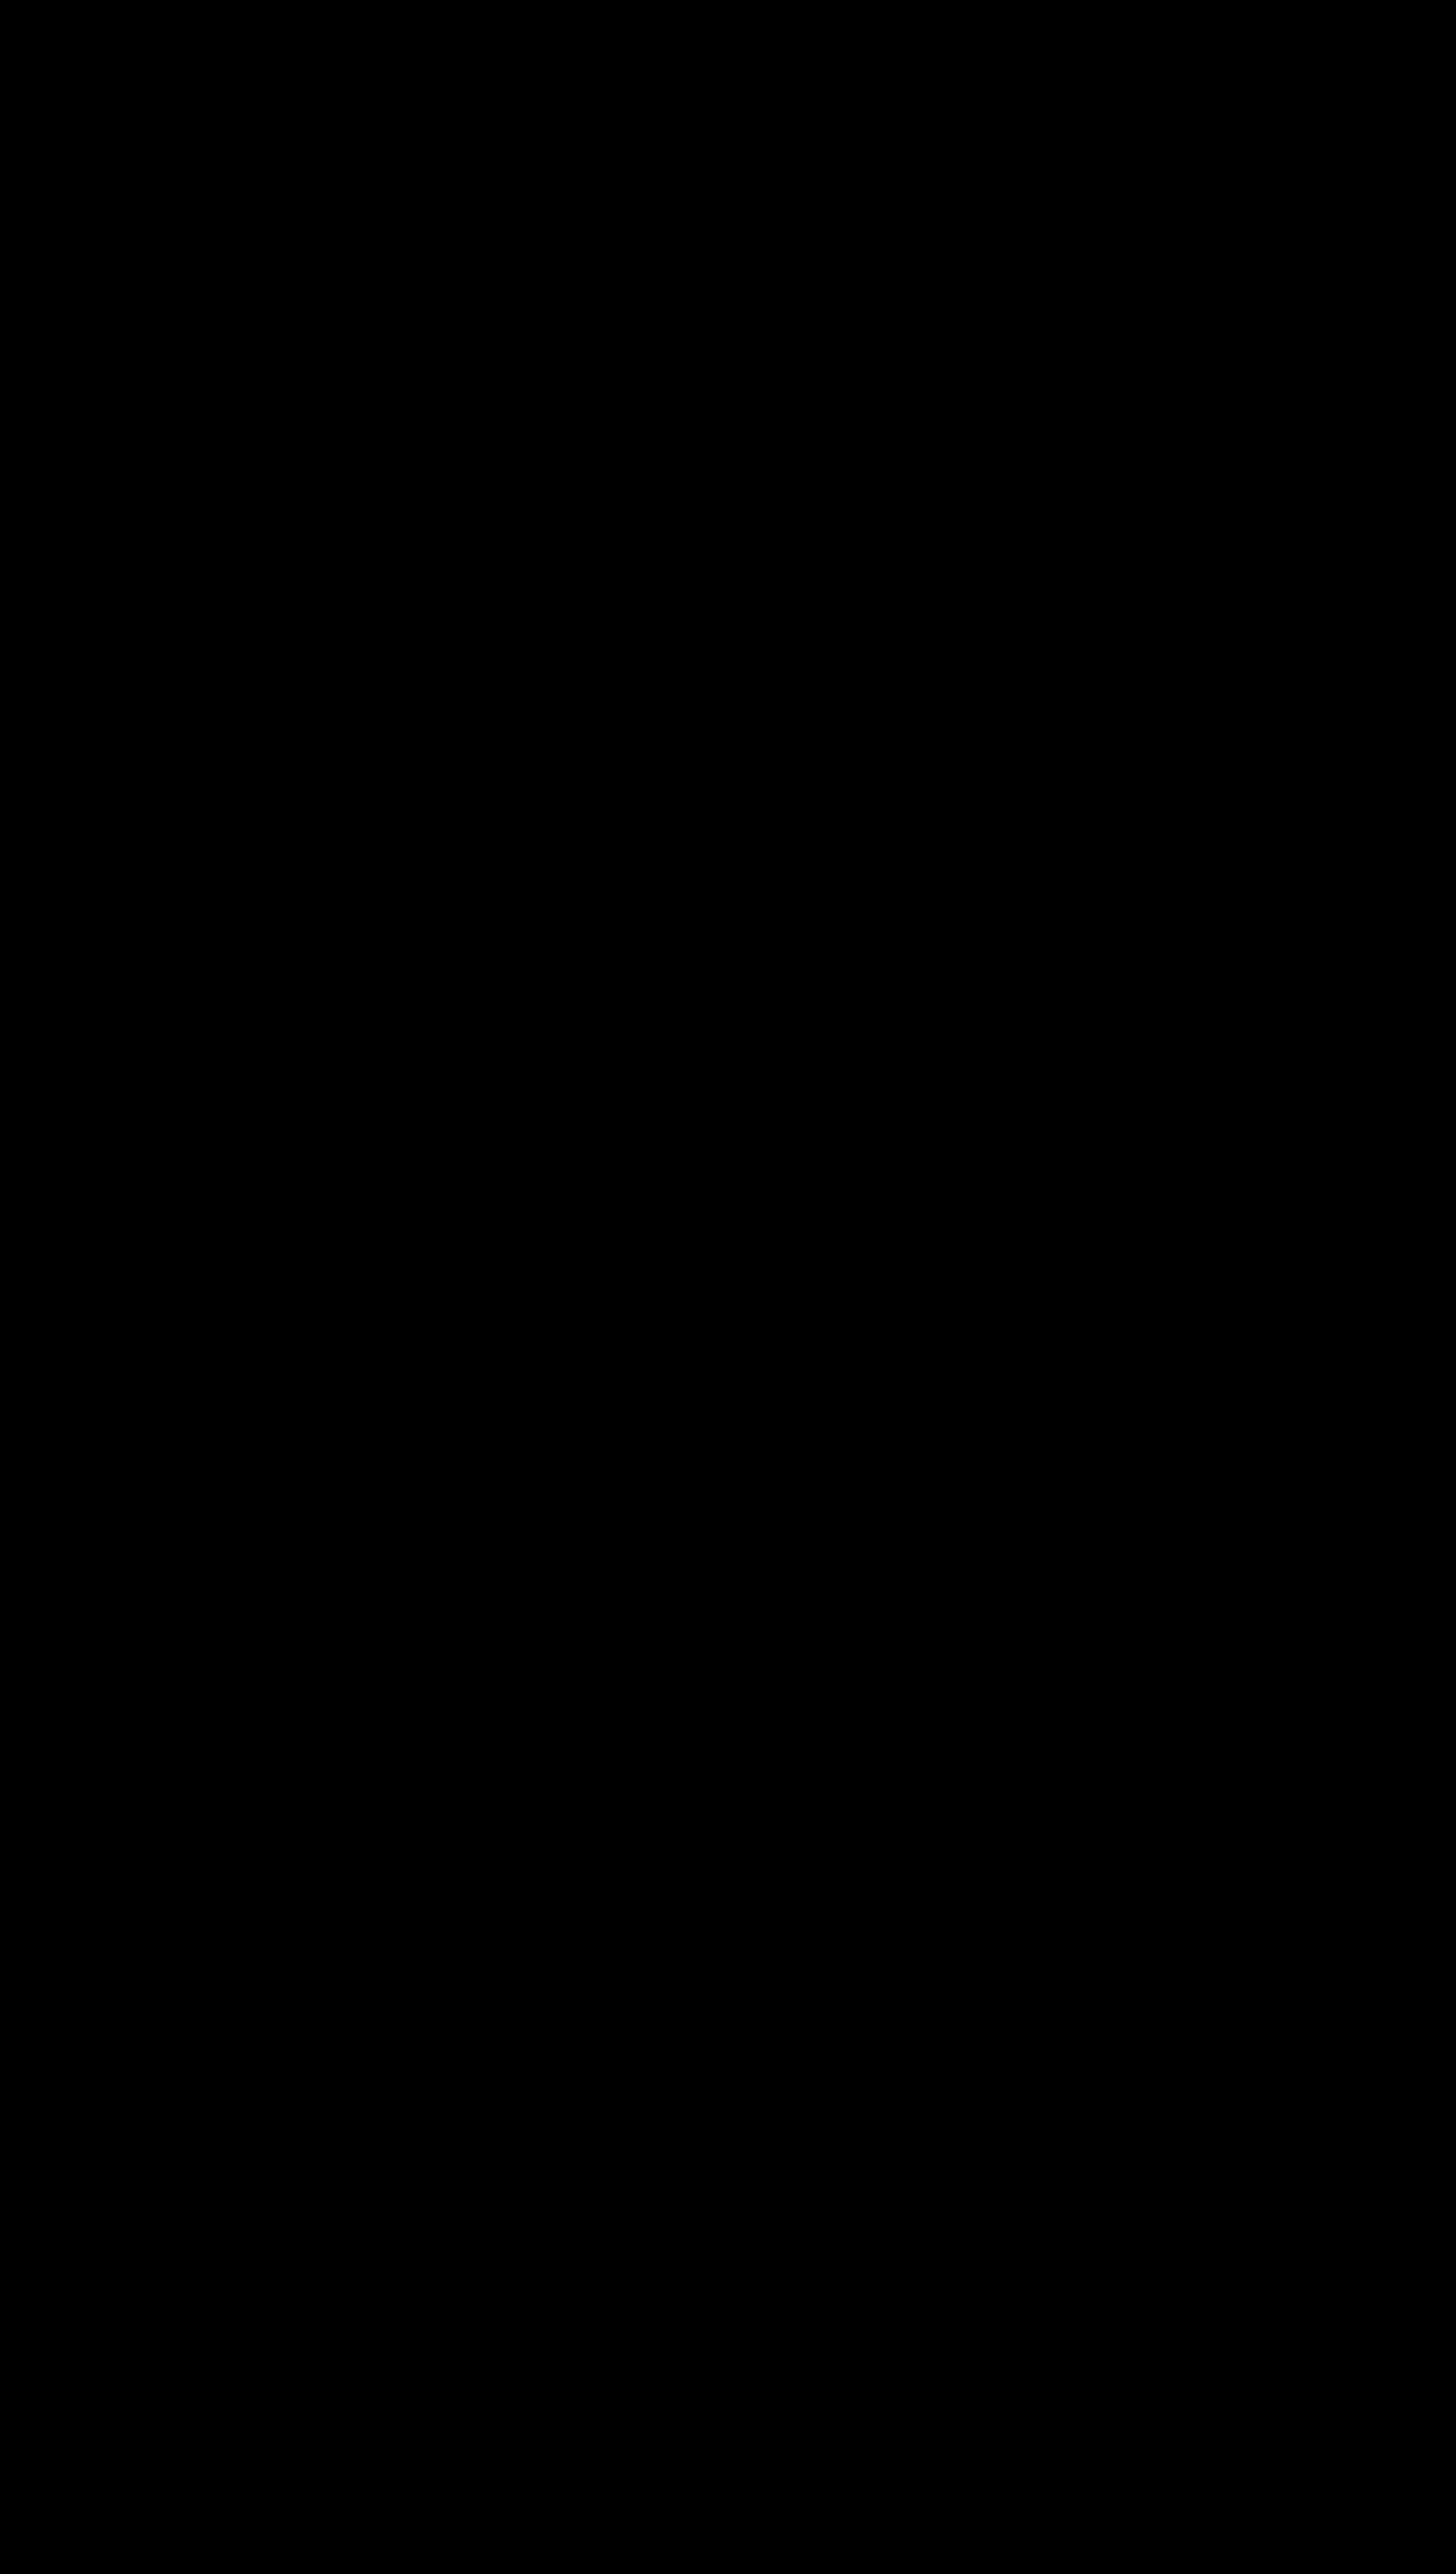 Dragon Ball Z Lineart : Lineart goku ssj by el maky z on deviantart